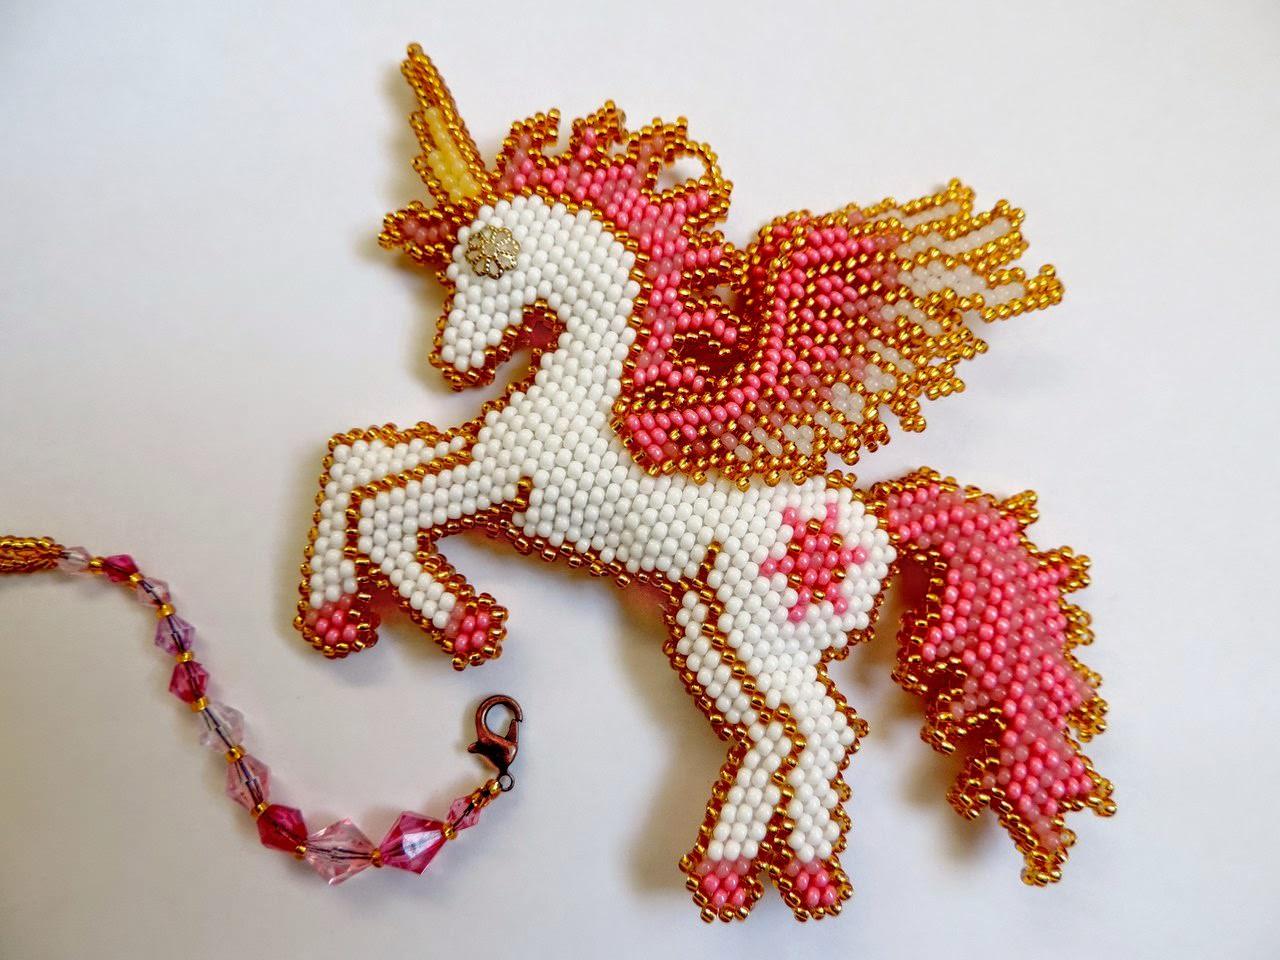 Плетение из бисера фигурки животных